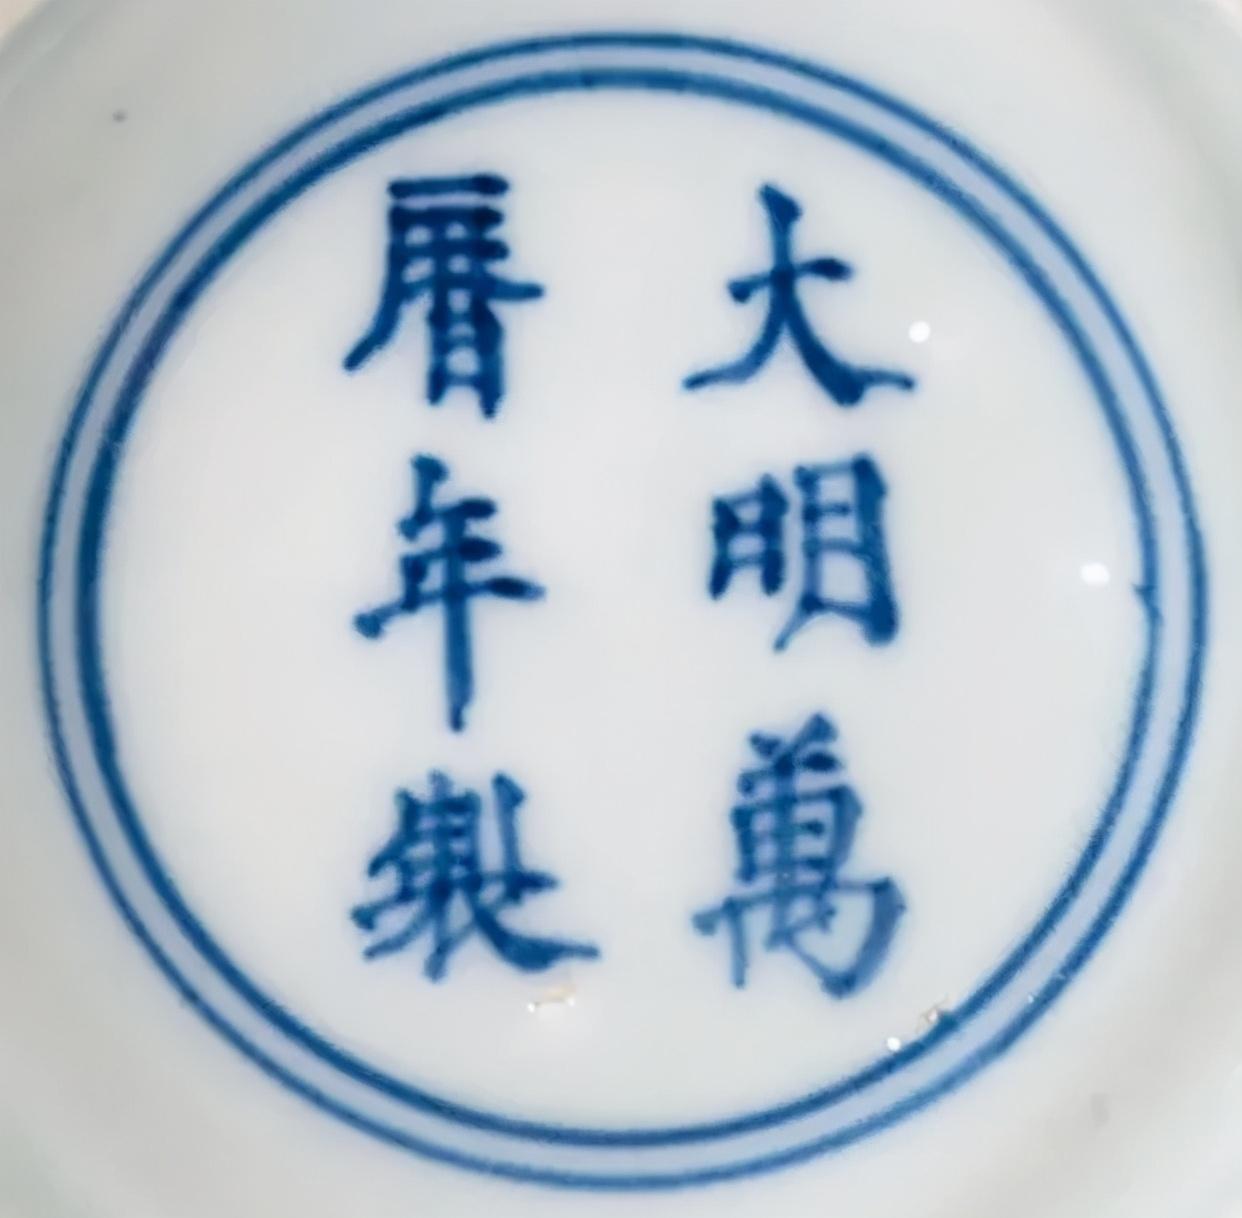 「北京荣宝2021春拍」翠古幽兰·明代瓷器撷英专题拍品赏析